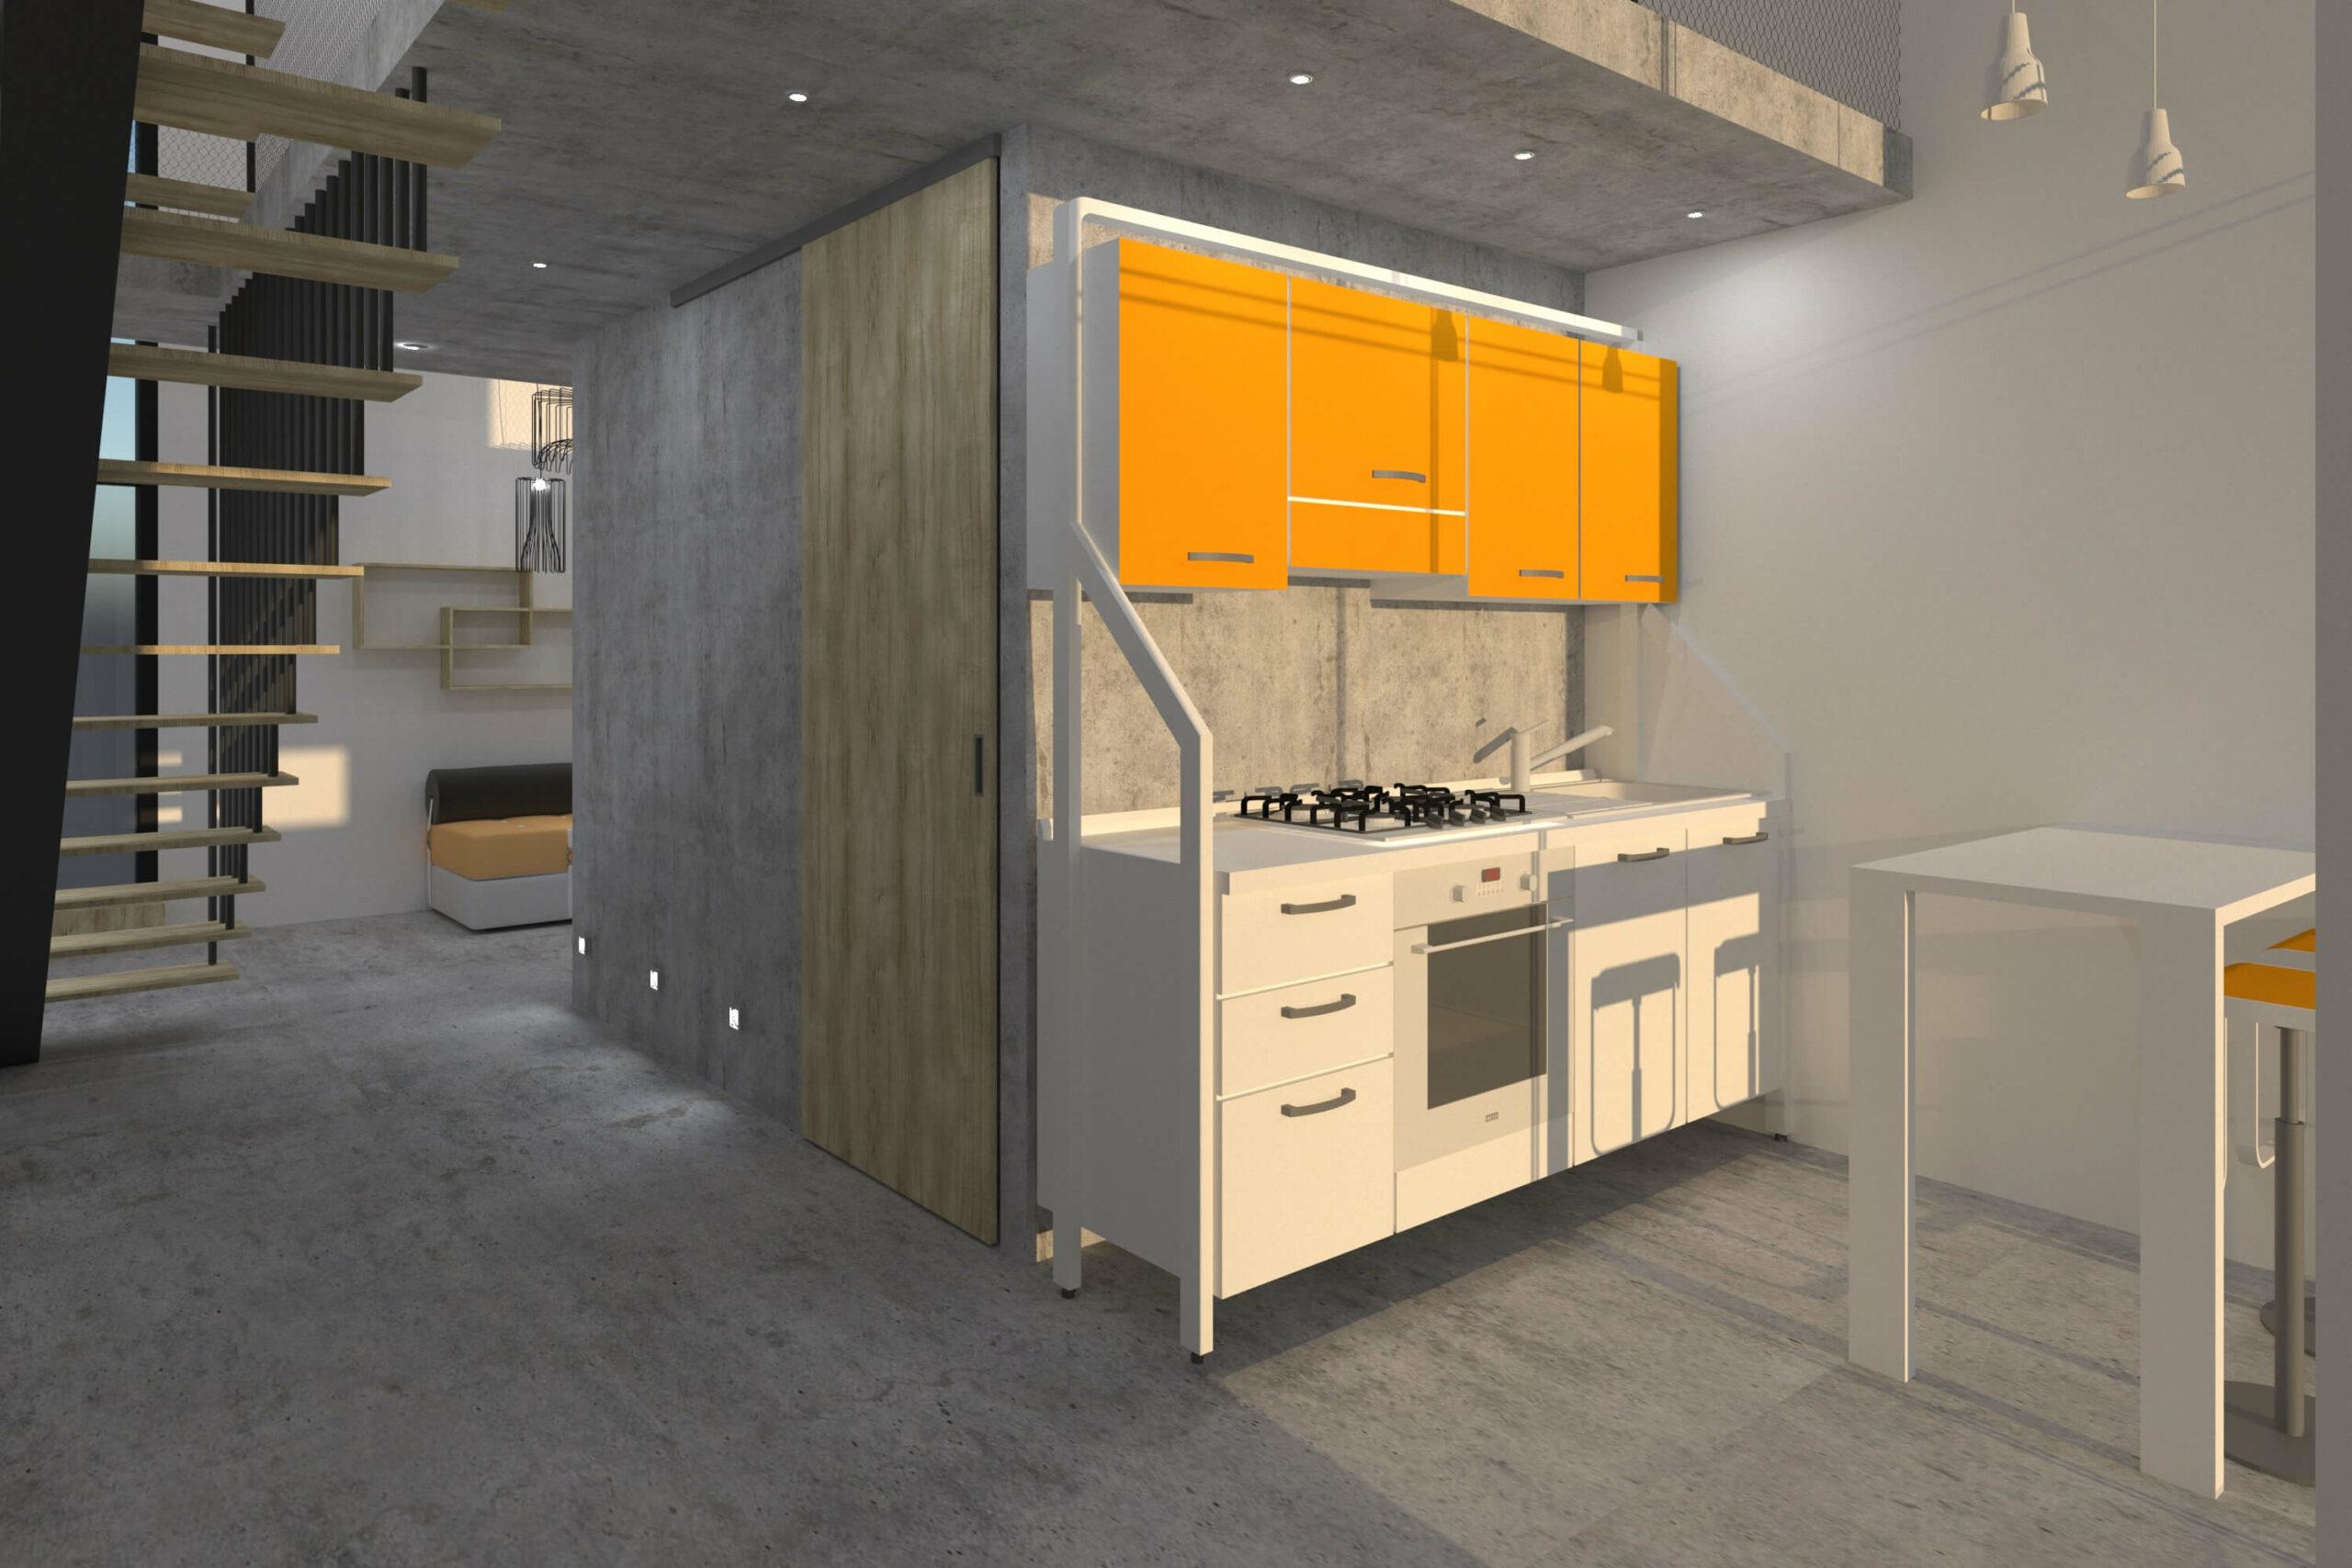 Cozinha. Modelo de cozinha modular